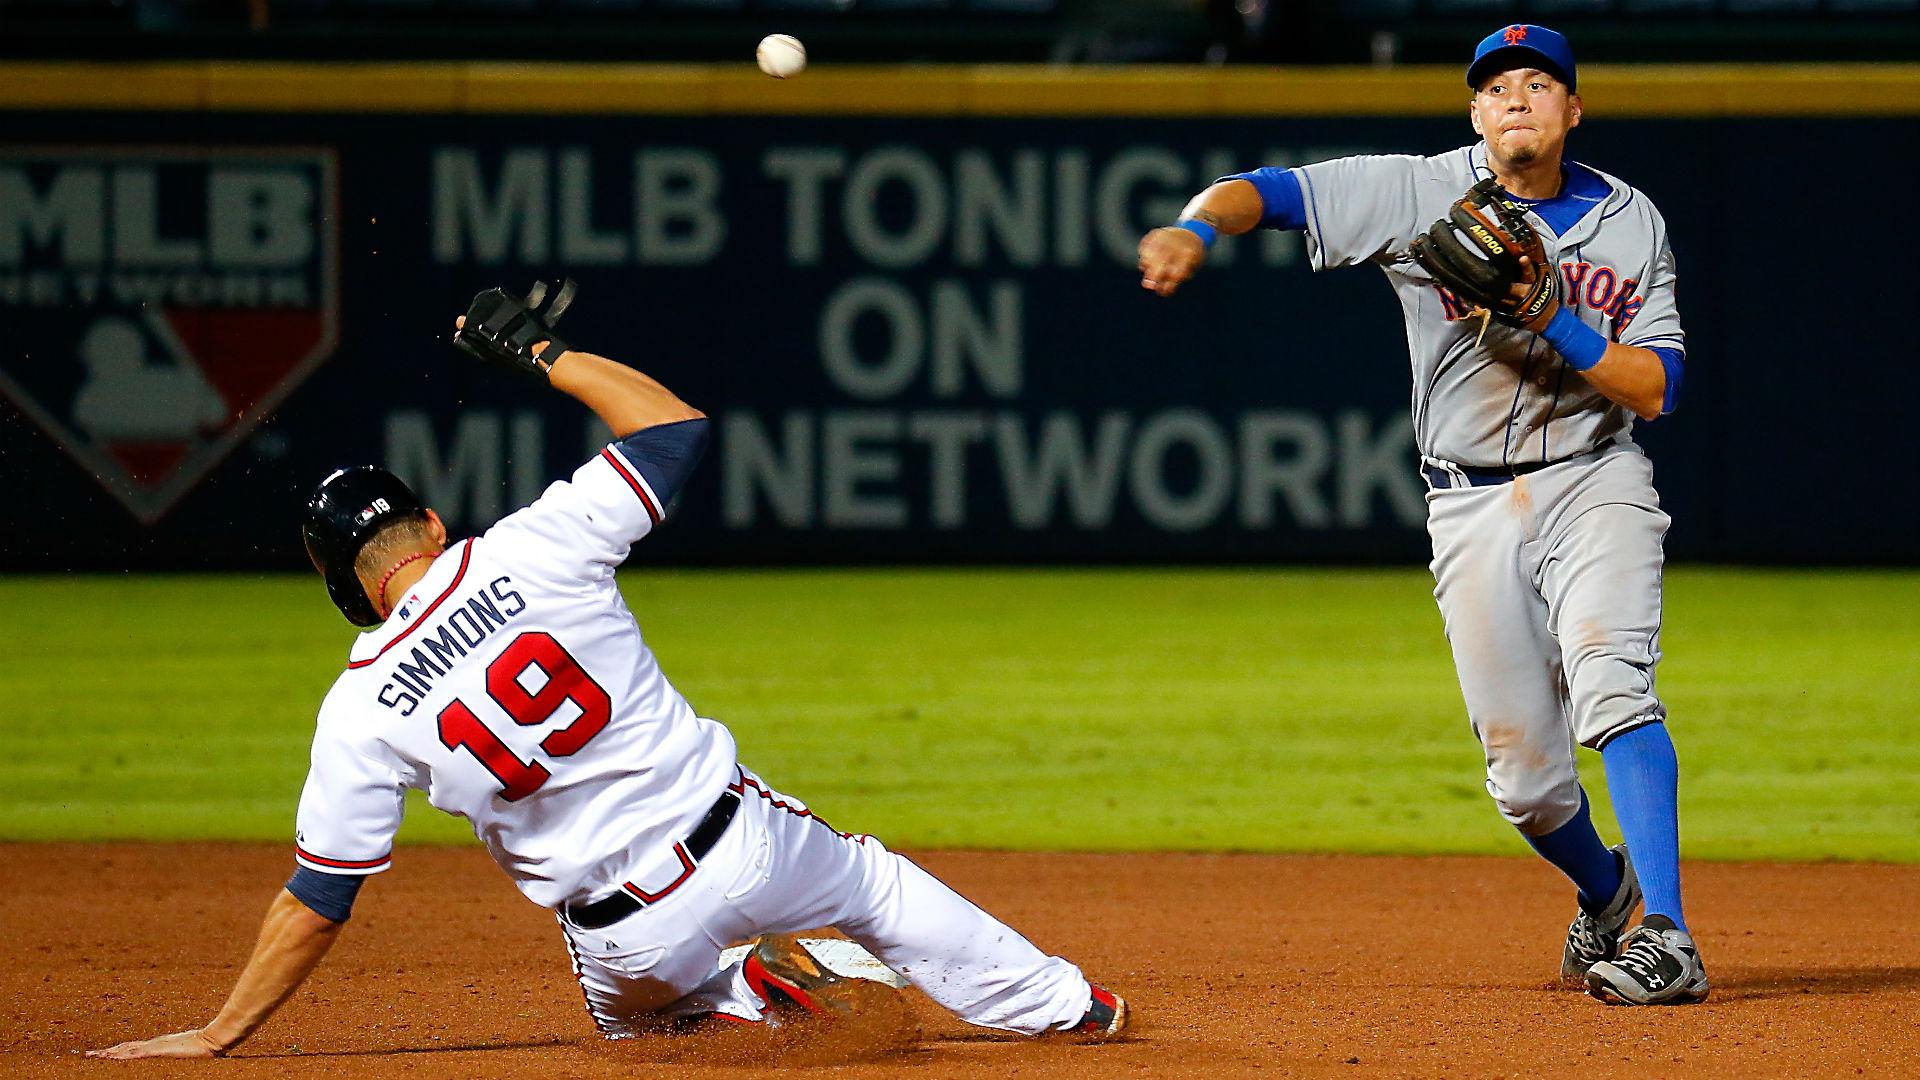 Wilmer-Flores-Mets-Braves-091015-getty-FTR.jpg